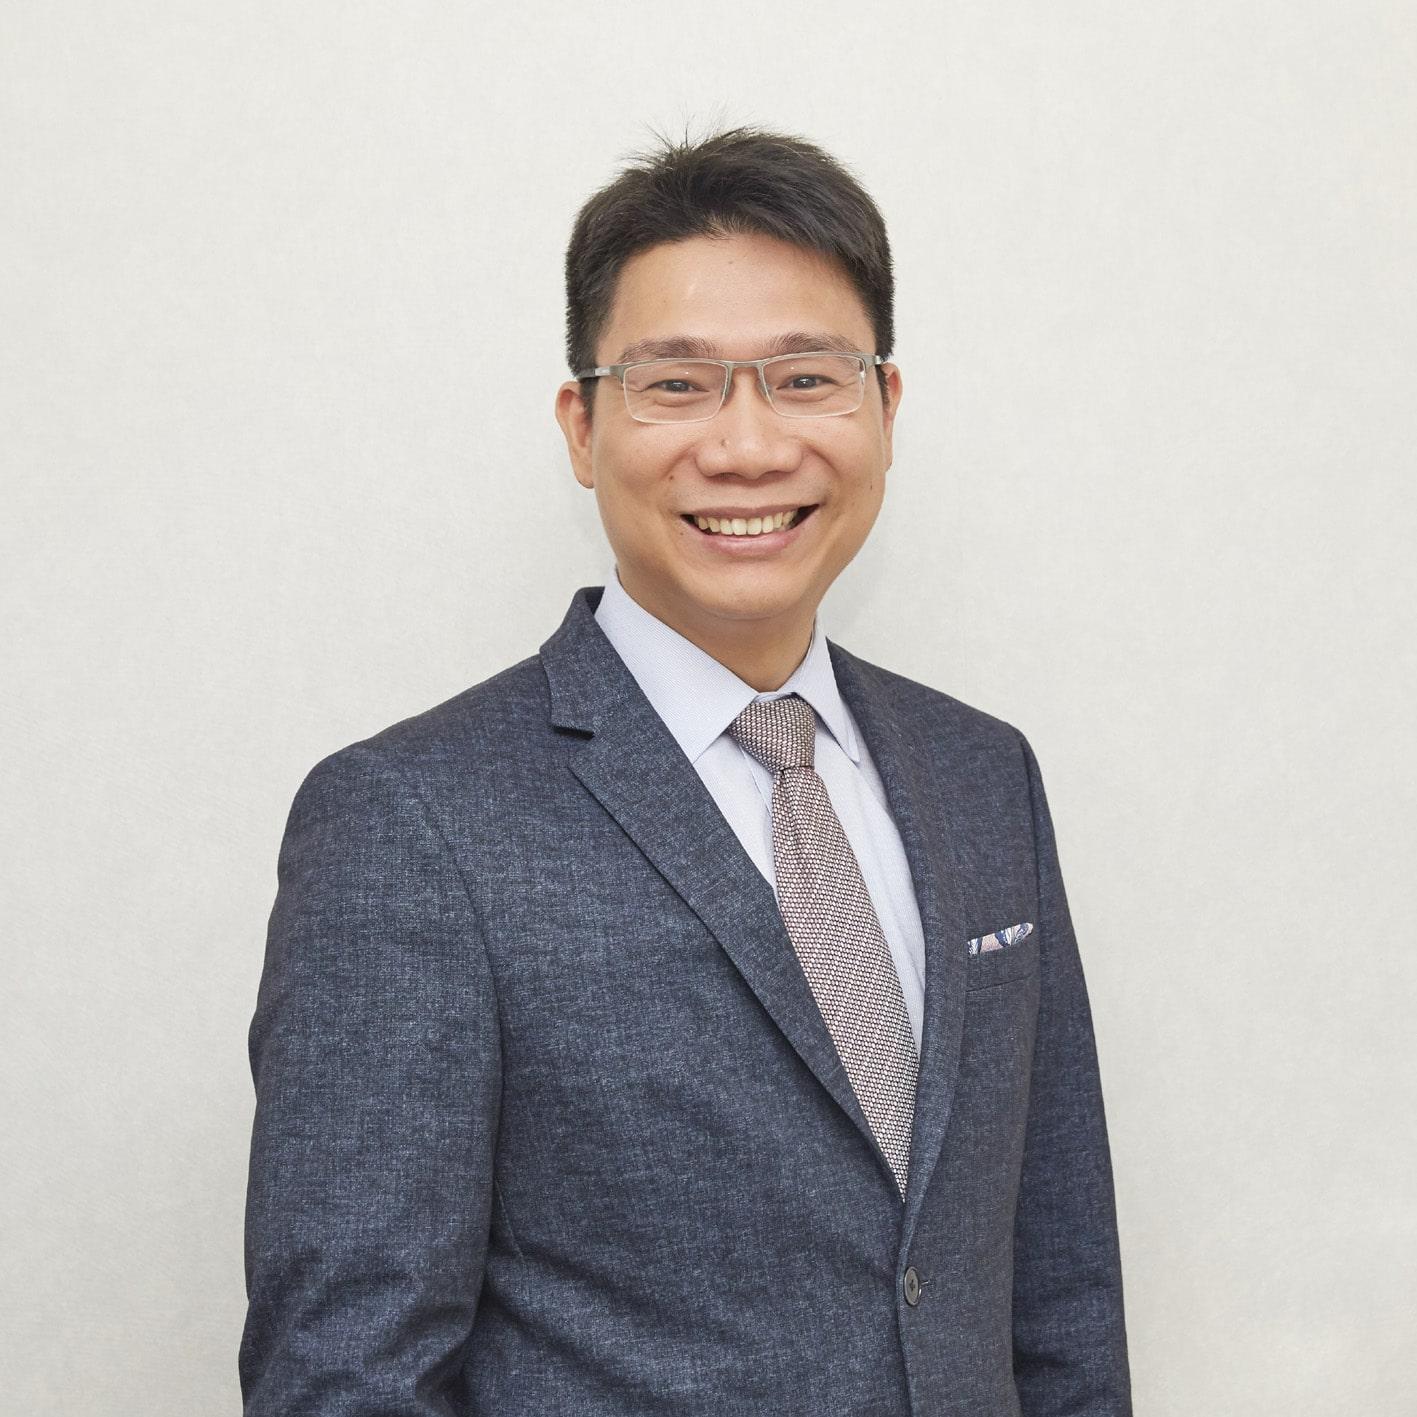 李宇聰醫生 Dr Jacky Li